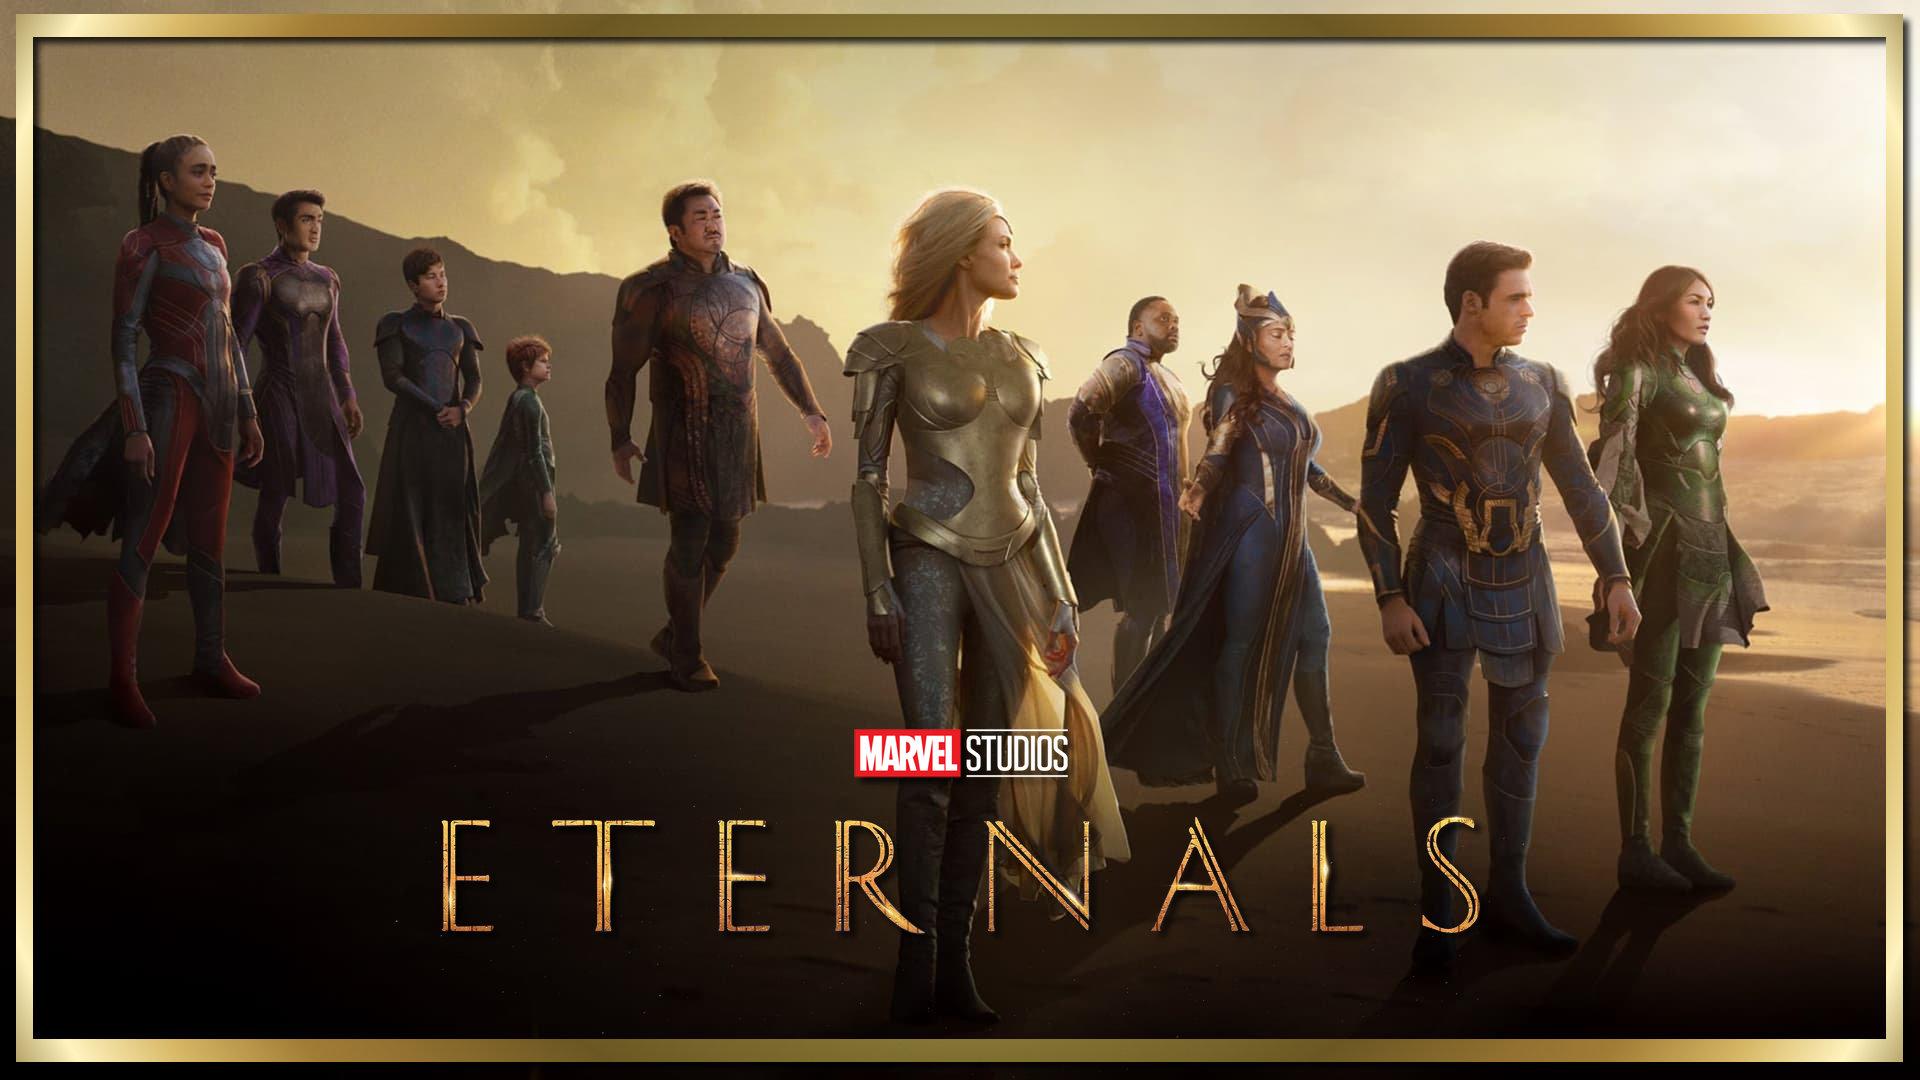 Marvel Studios' Eternals: Heroes Will Die